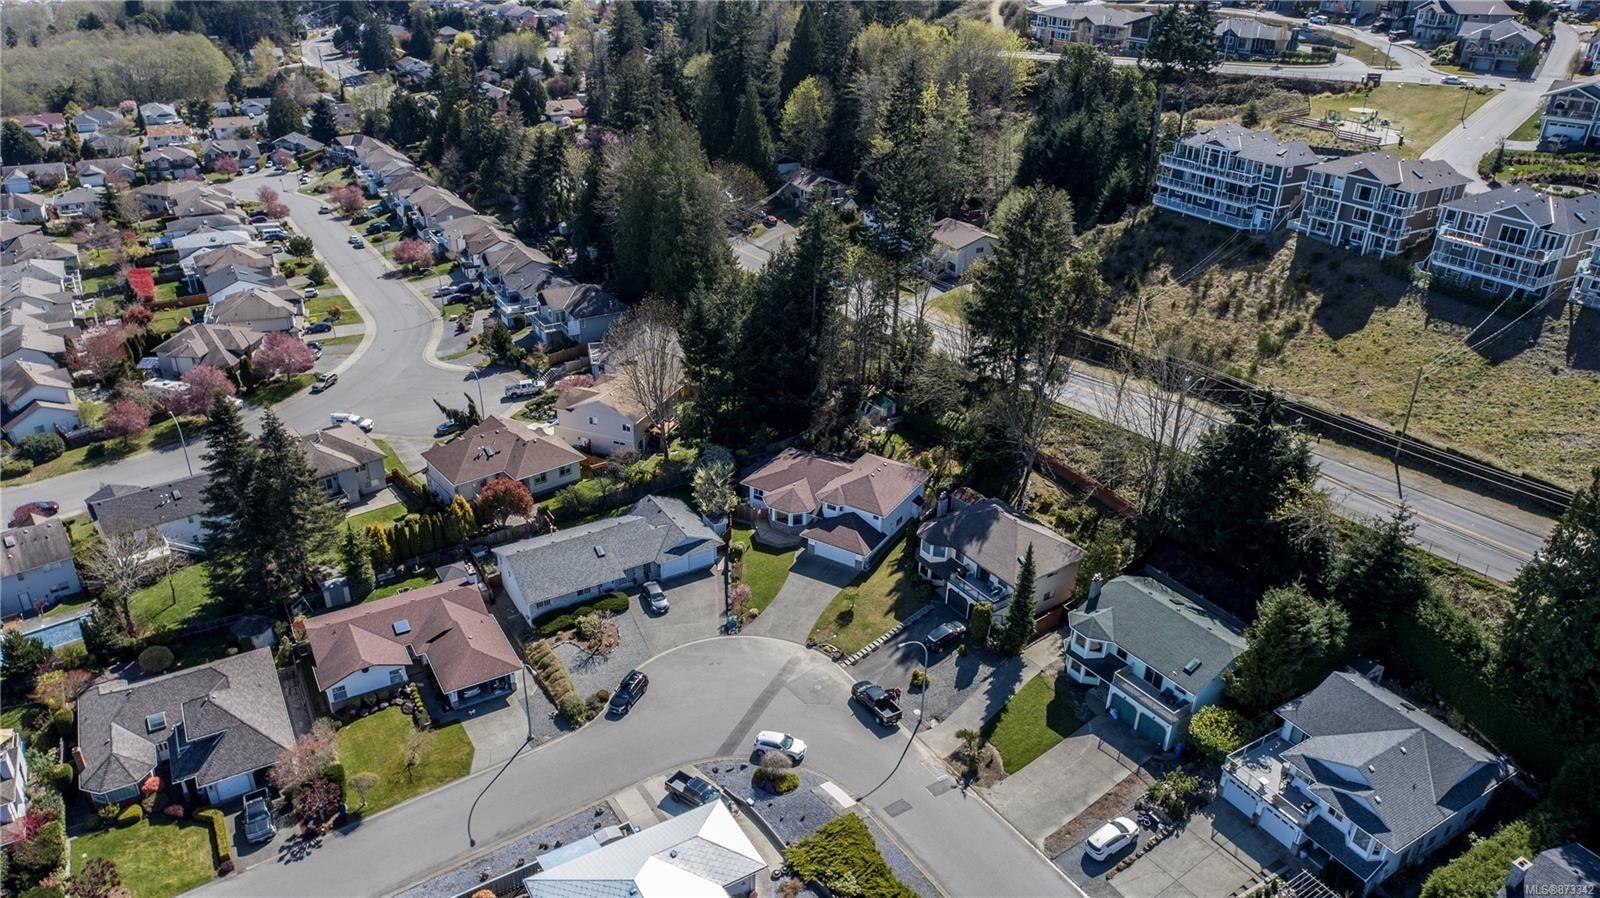 Photo 11: Photos: 5294 Catalina Dr in : Na North Nanaimo House for sale (Nanaimo)  : MLS®# 873342